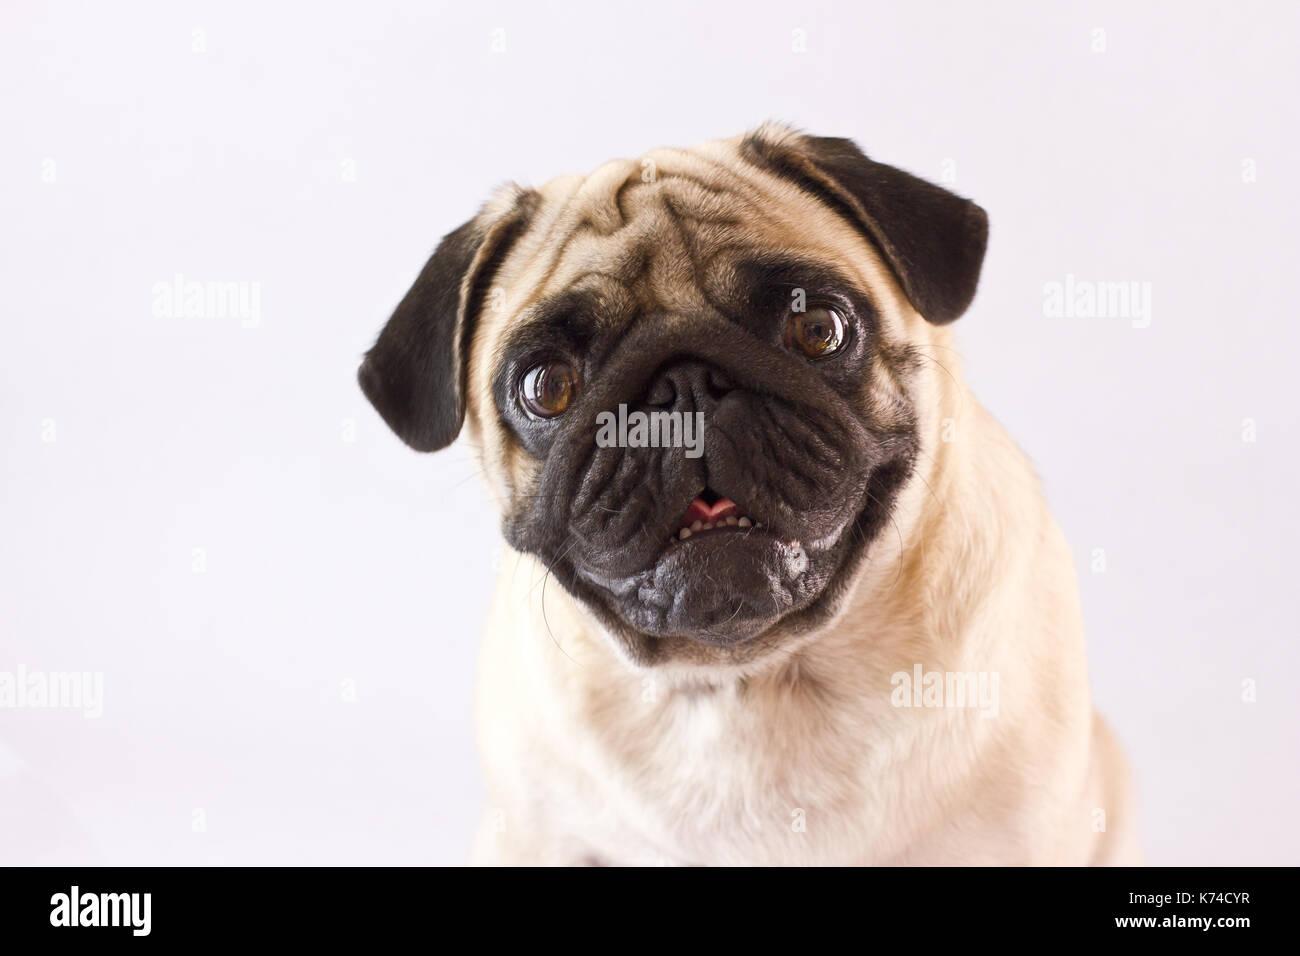 Sitting dog pug with the big eyes isolated - Stock Image